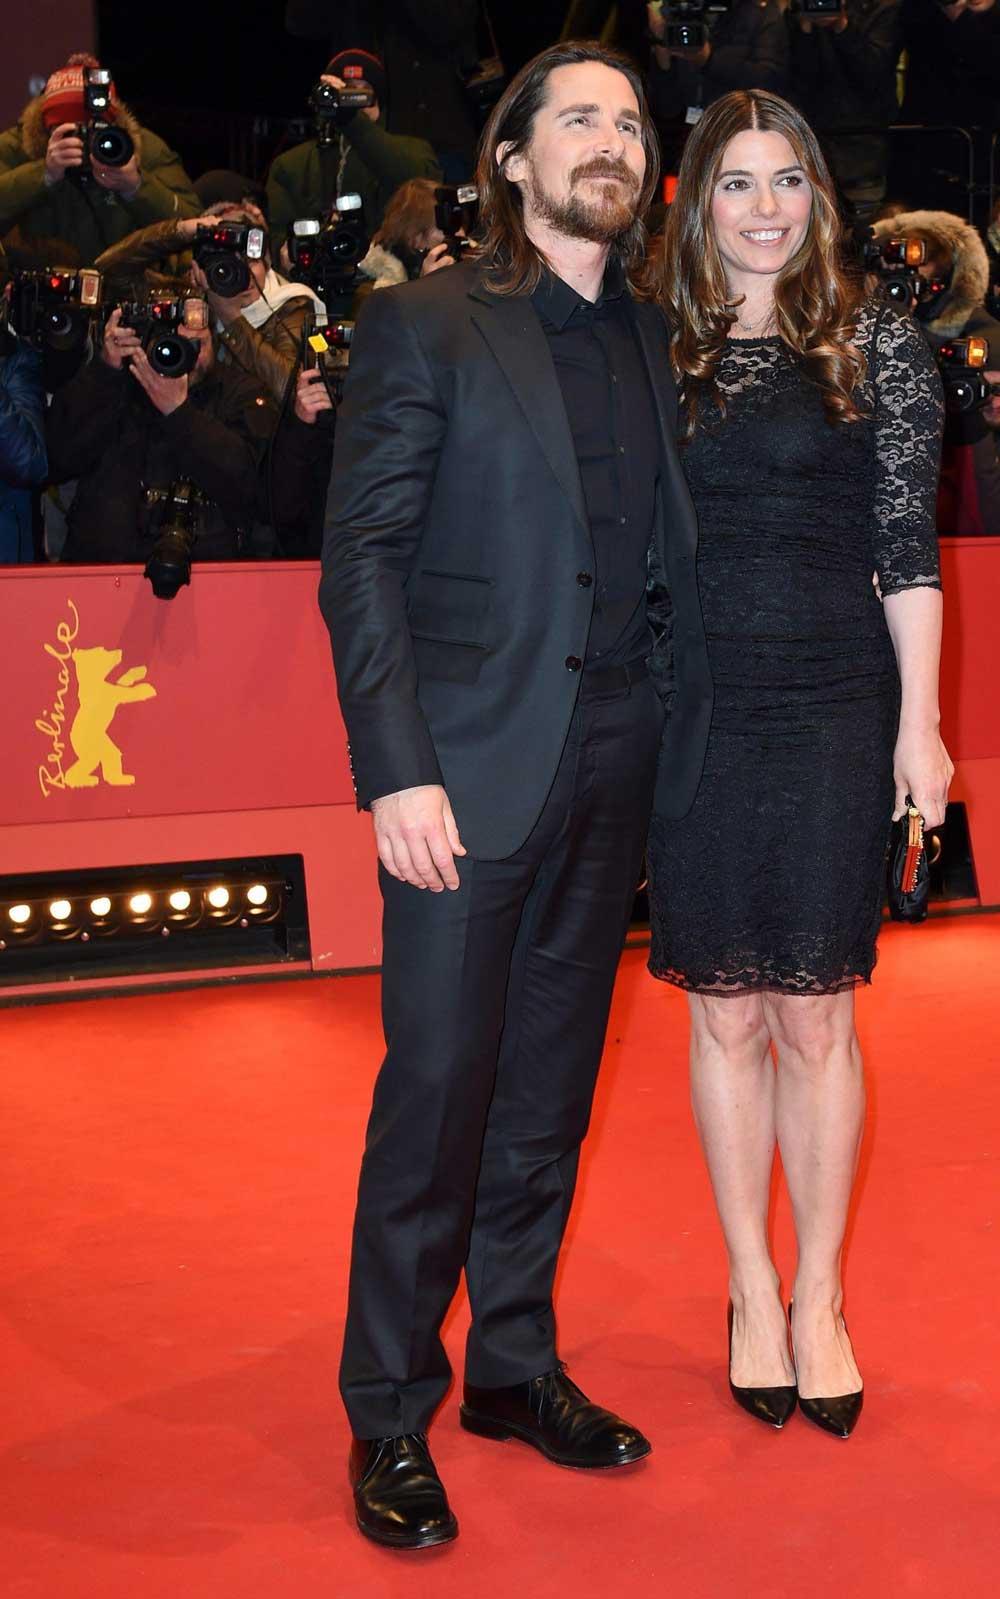 In foto Christian Bale (47 anni) Dall'articolo: Berlinale 2015, Natalie Portman e Christian Bale sul red carpet.